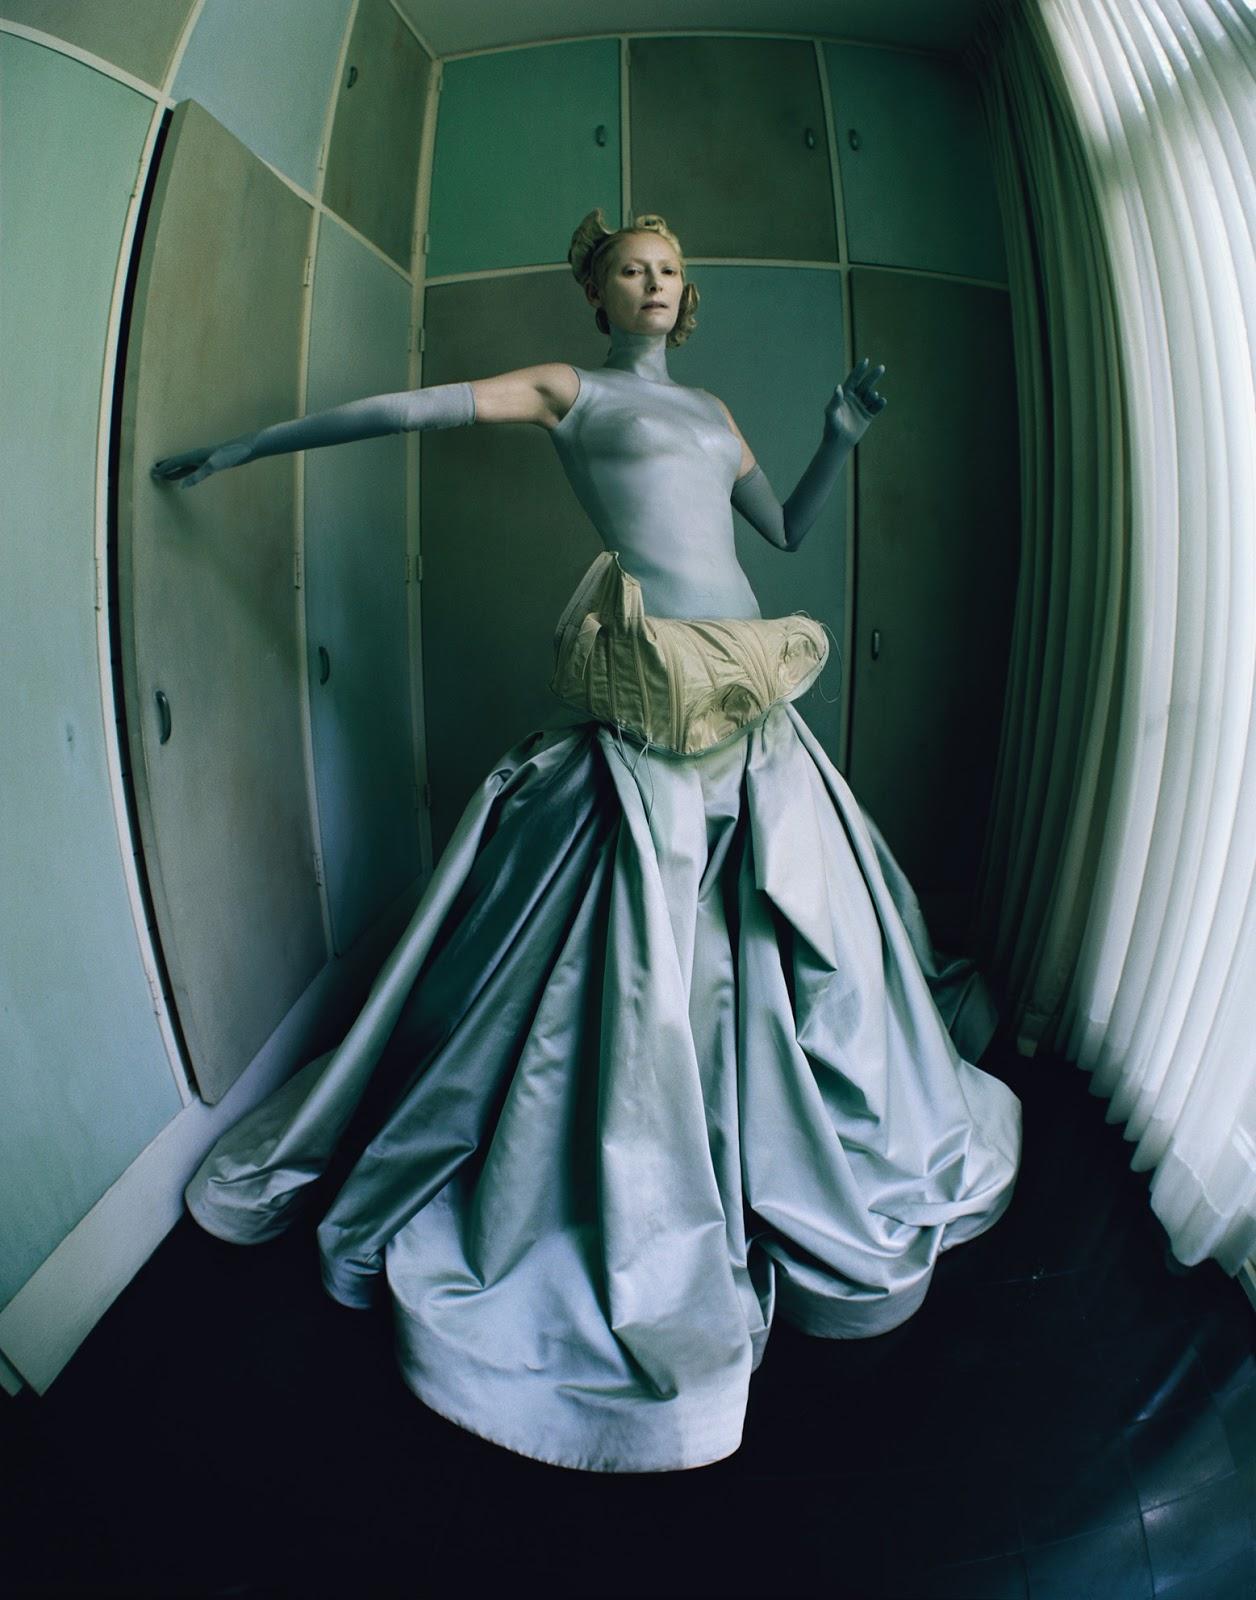 ティルダ・スウィントンの画像 p1_17